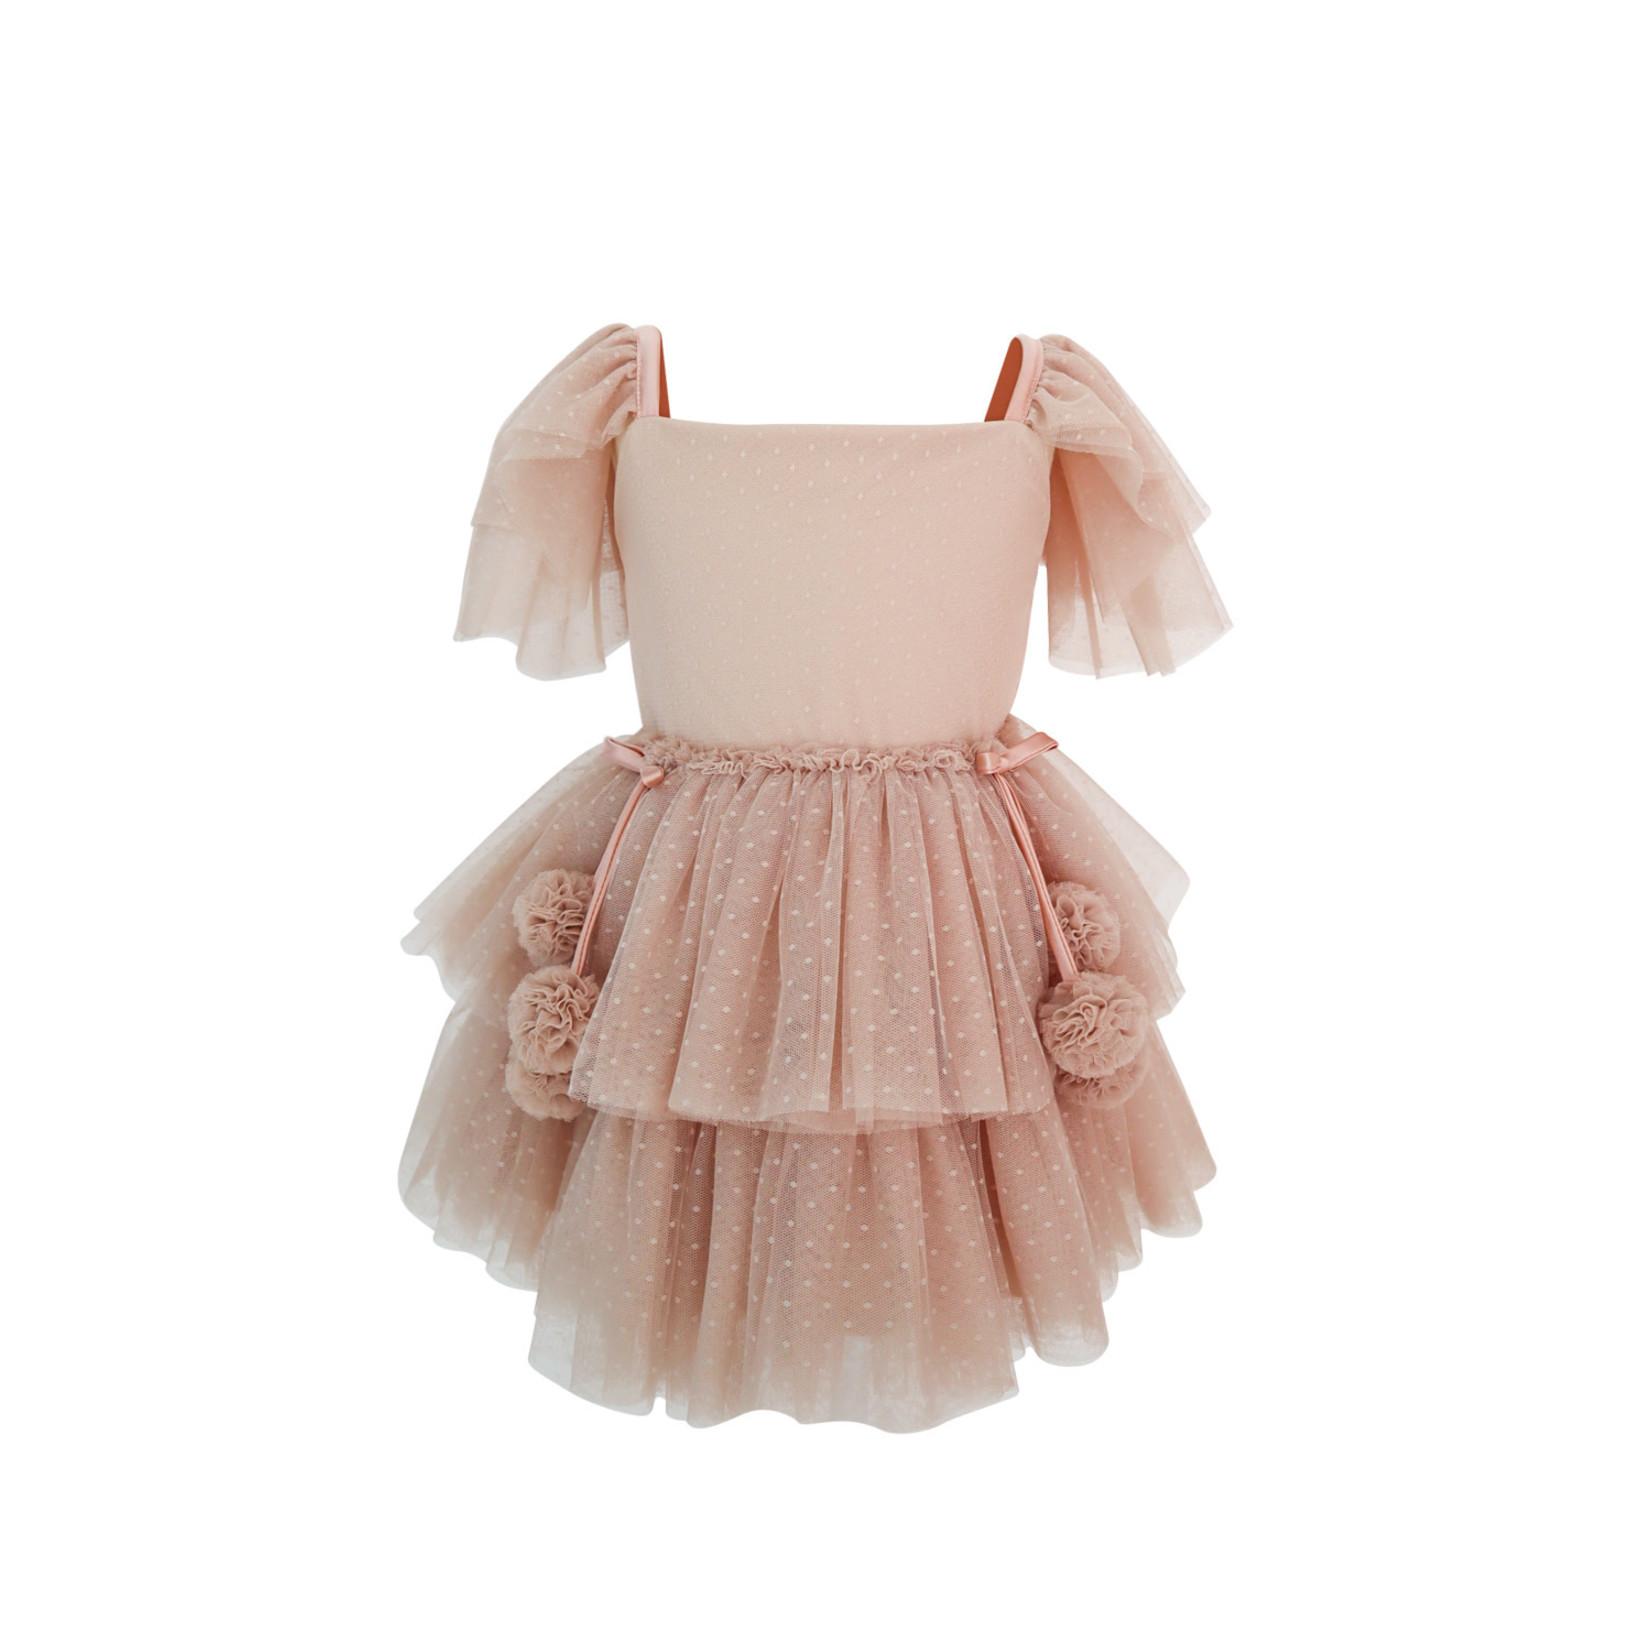 Spinkie Tutu Dress Set - Champange